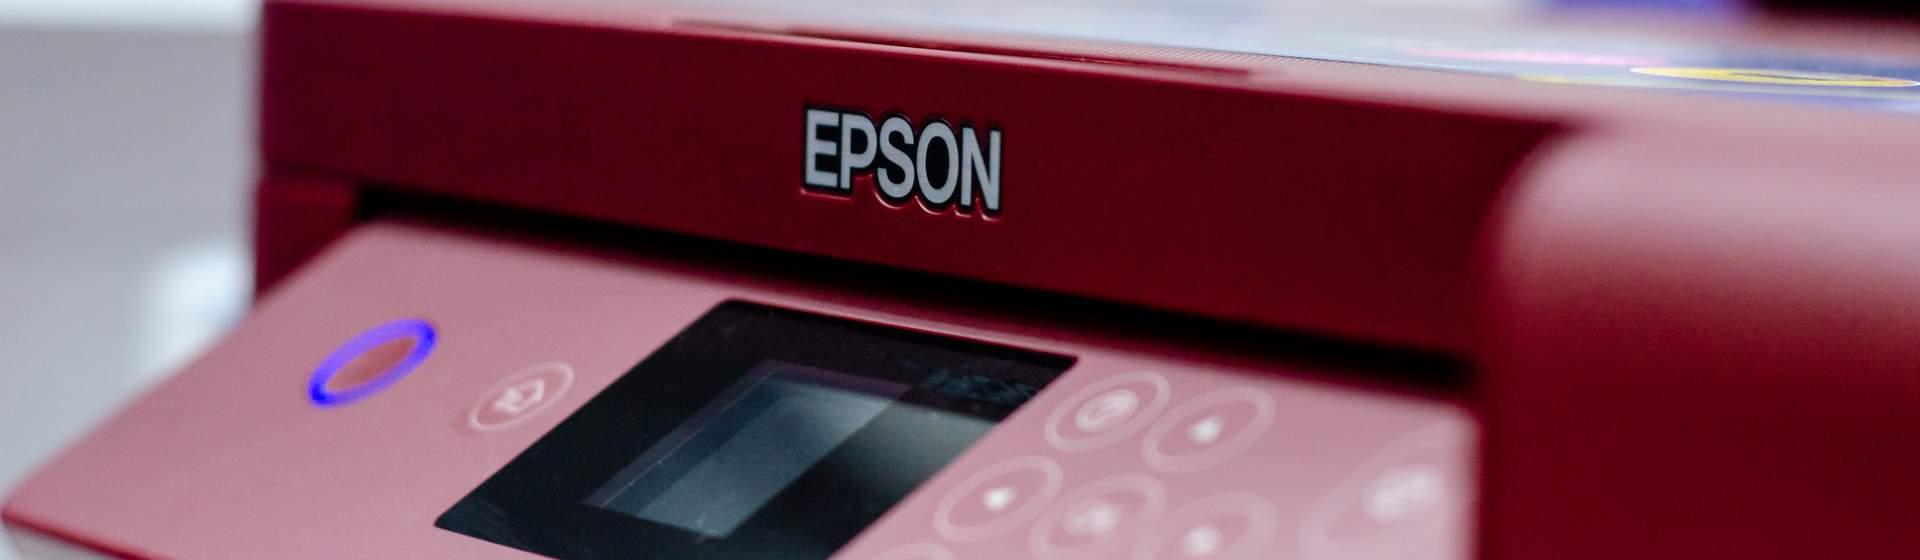 Melhor impressora Epson para comprar em 2021: veja 7 modelos